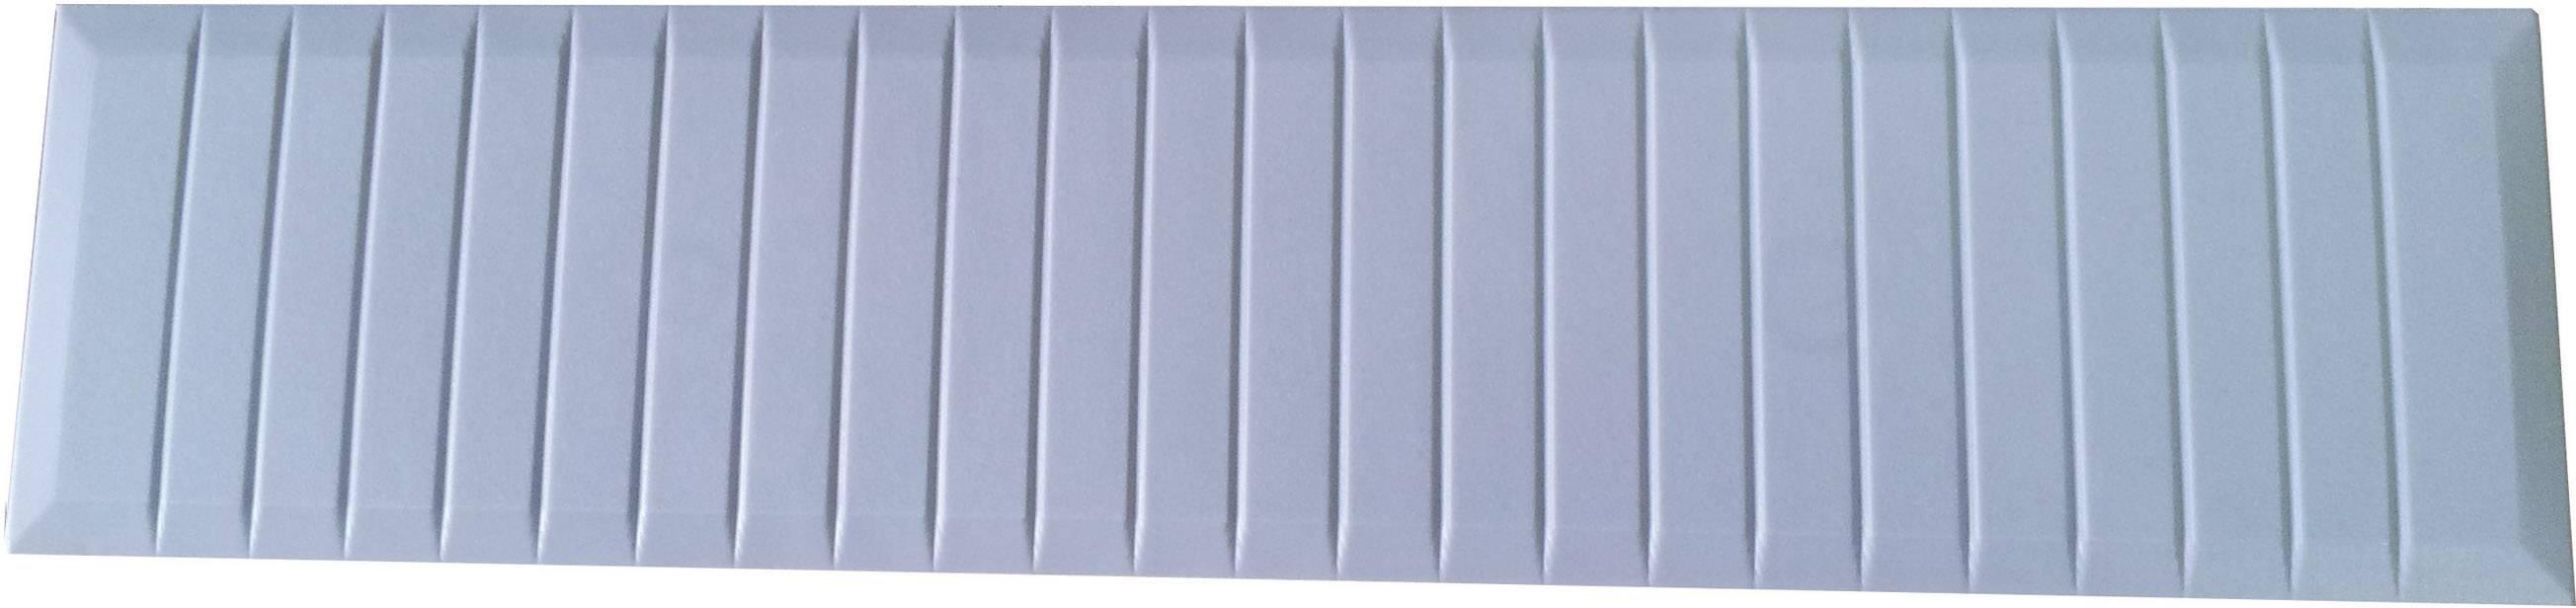 Veko Lohmeier ZB-4013, polyamid, svetlo sivá (RAL 7035), 1 ks